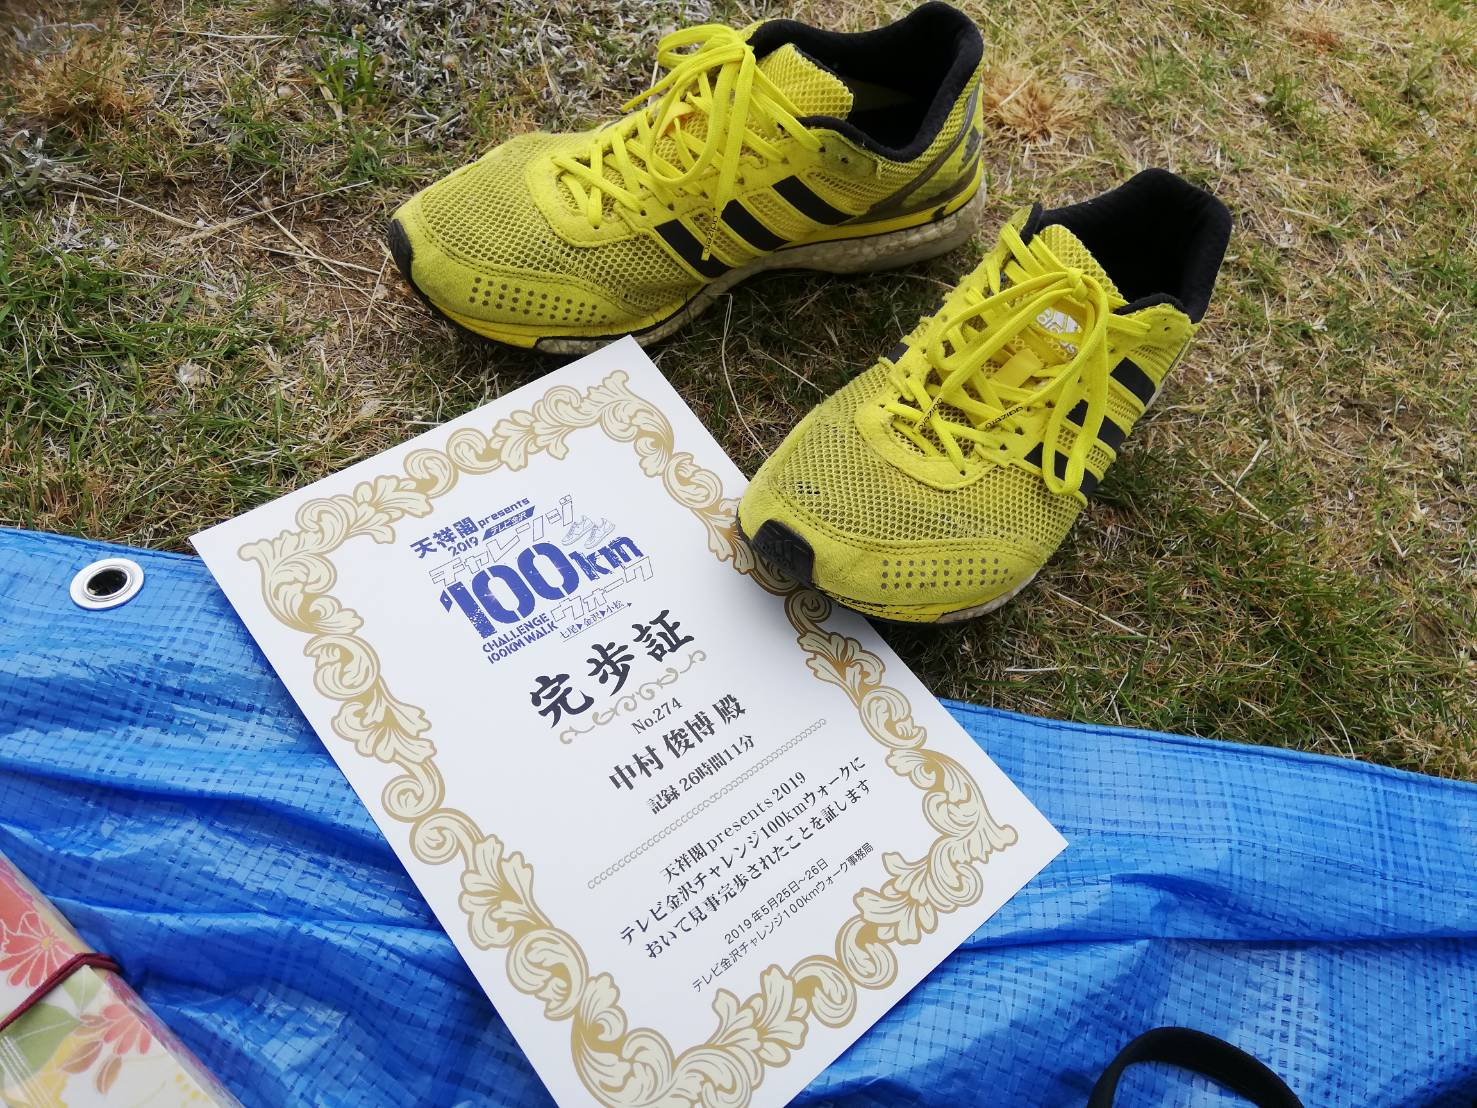 【初参加で完歩】テレビ金沢チャレンジ100kmウォークに参加してきました